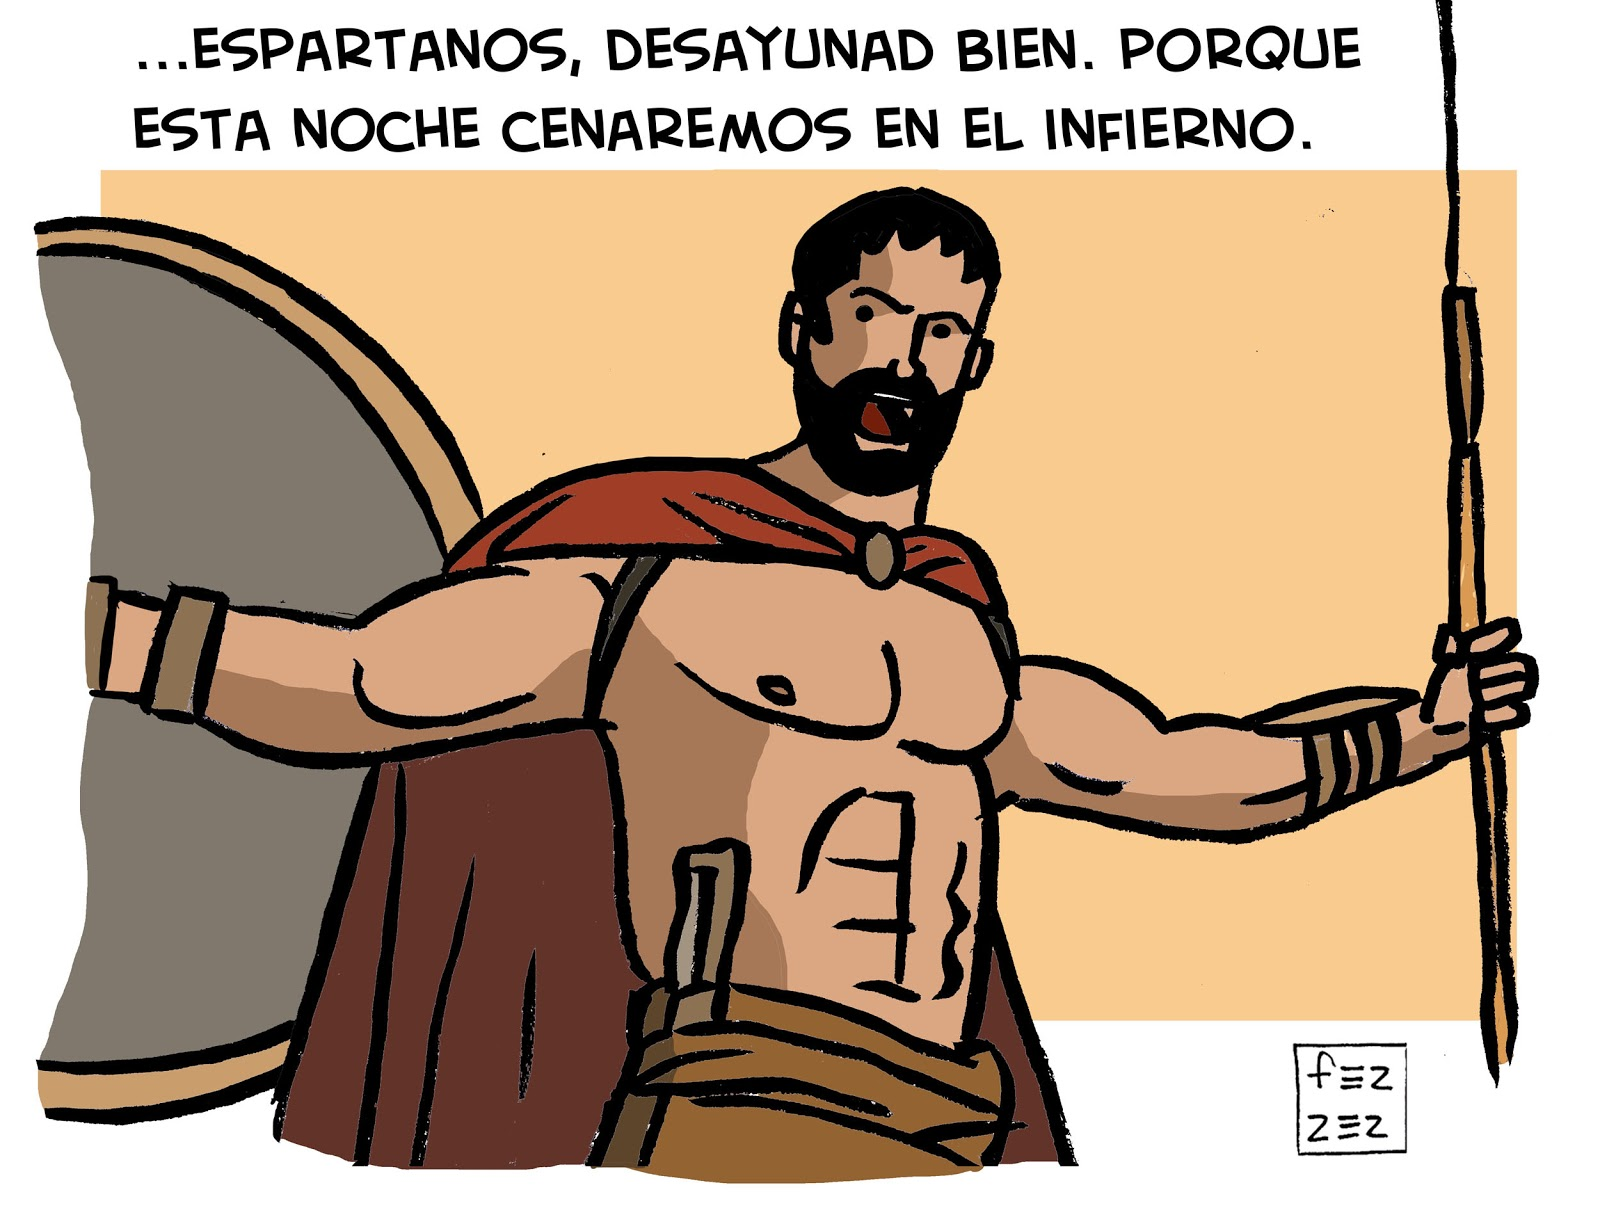 http://4.bp.blogspot.com/-tdLhftFy-vo/UNR8y2QhrrI/AAAAAAAAAUY/E-IKrspFjm8/s1600/espartanos+copia.jpg